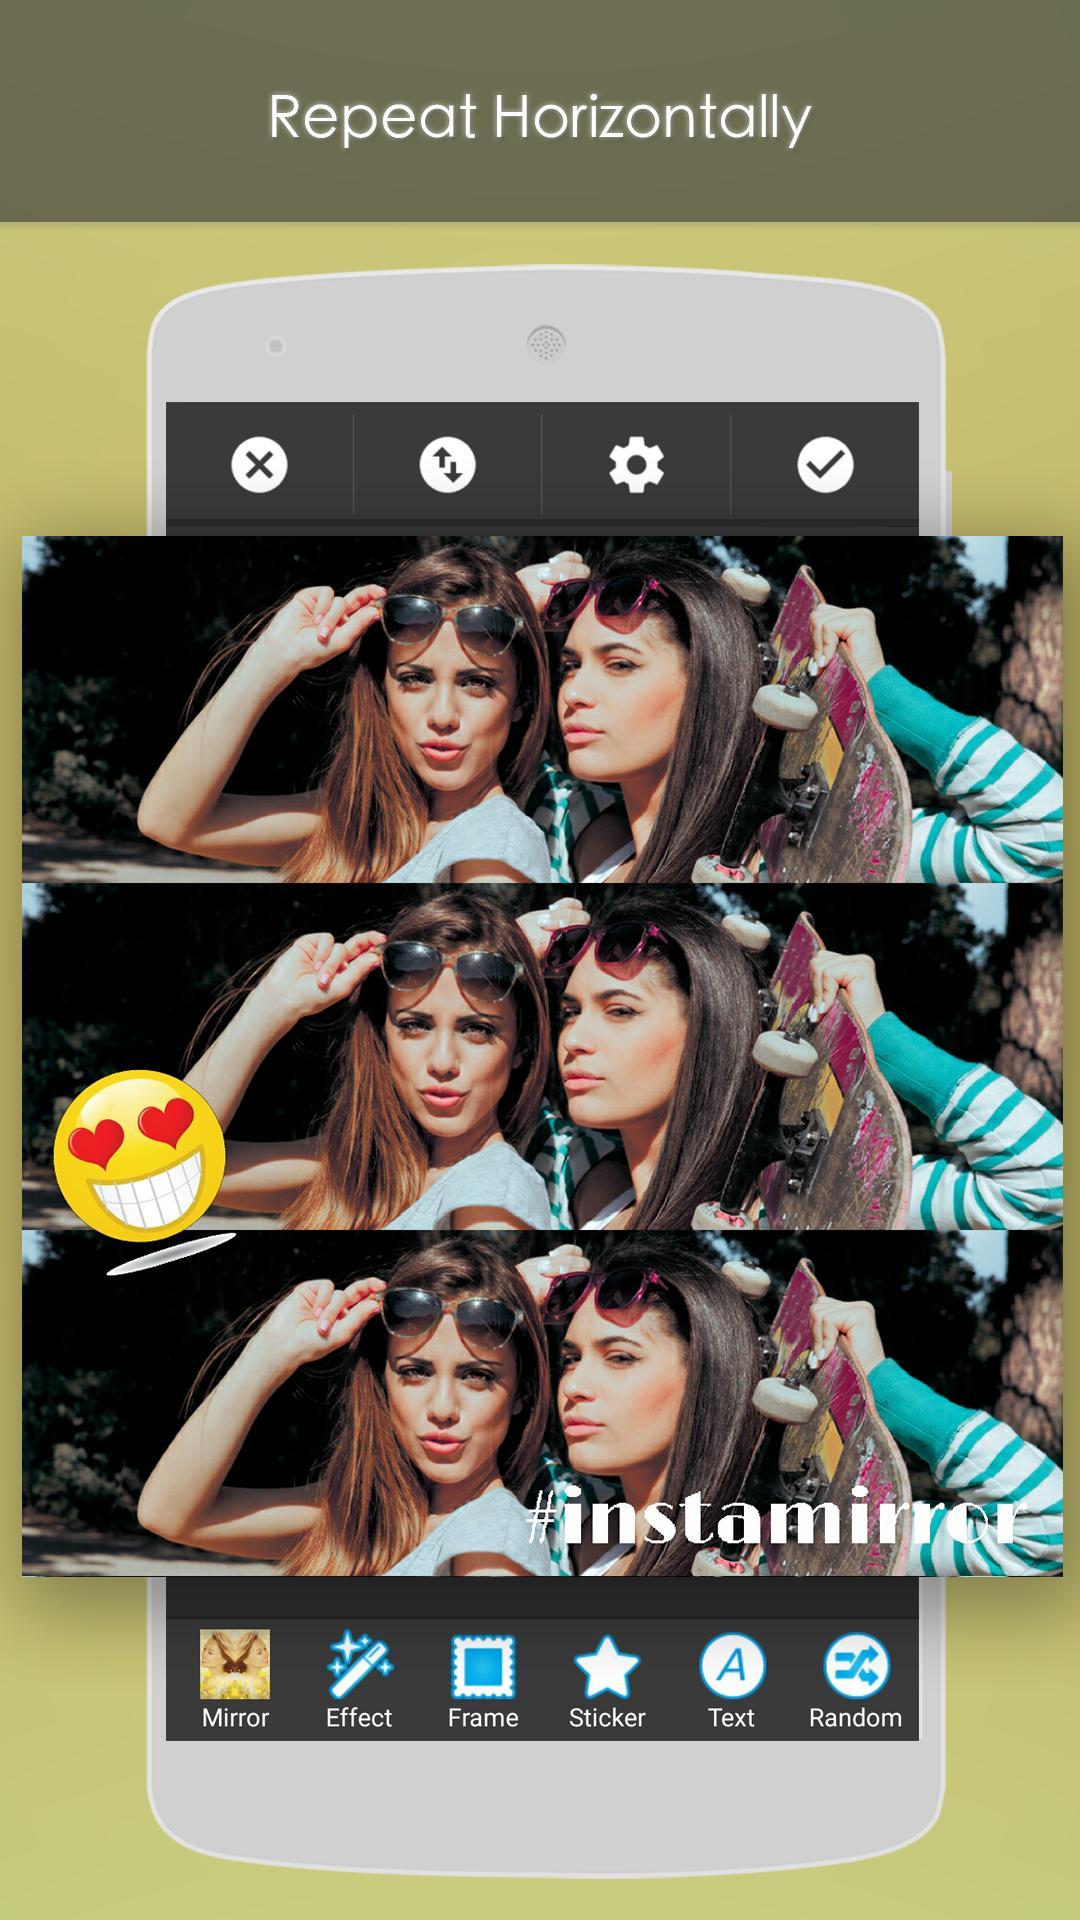 самых упоминаемых приложение зеркало фотографий поп-арта может стать